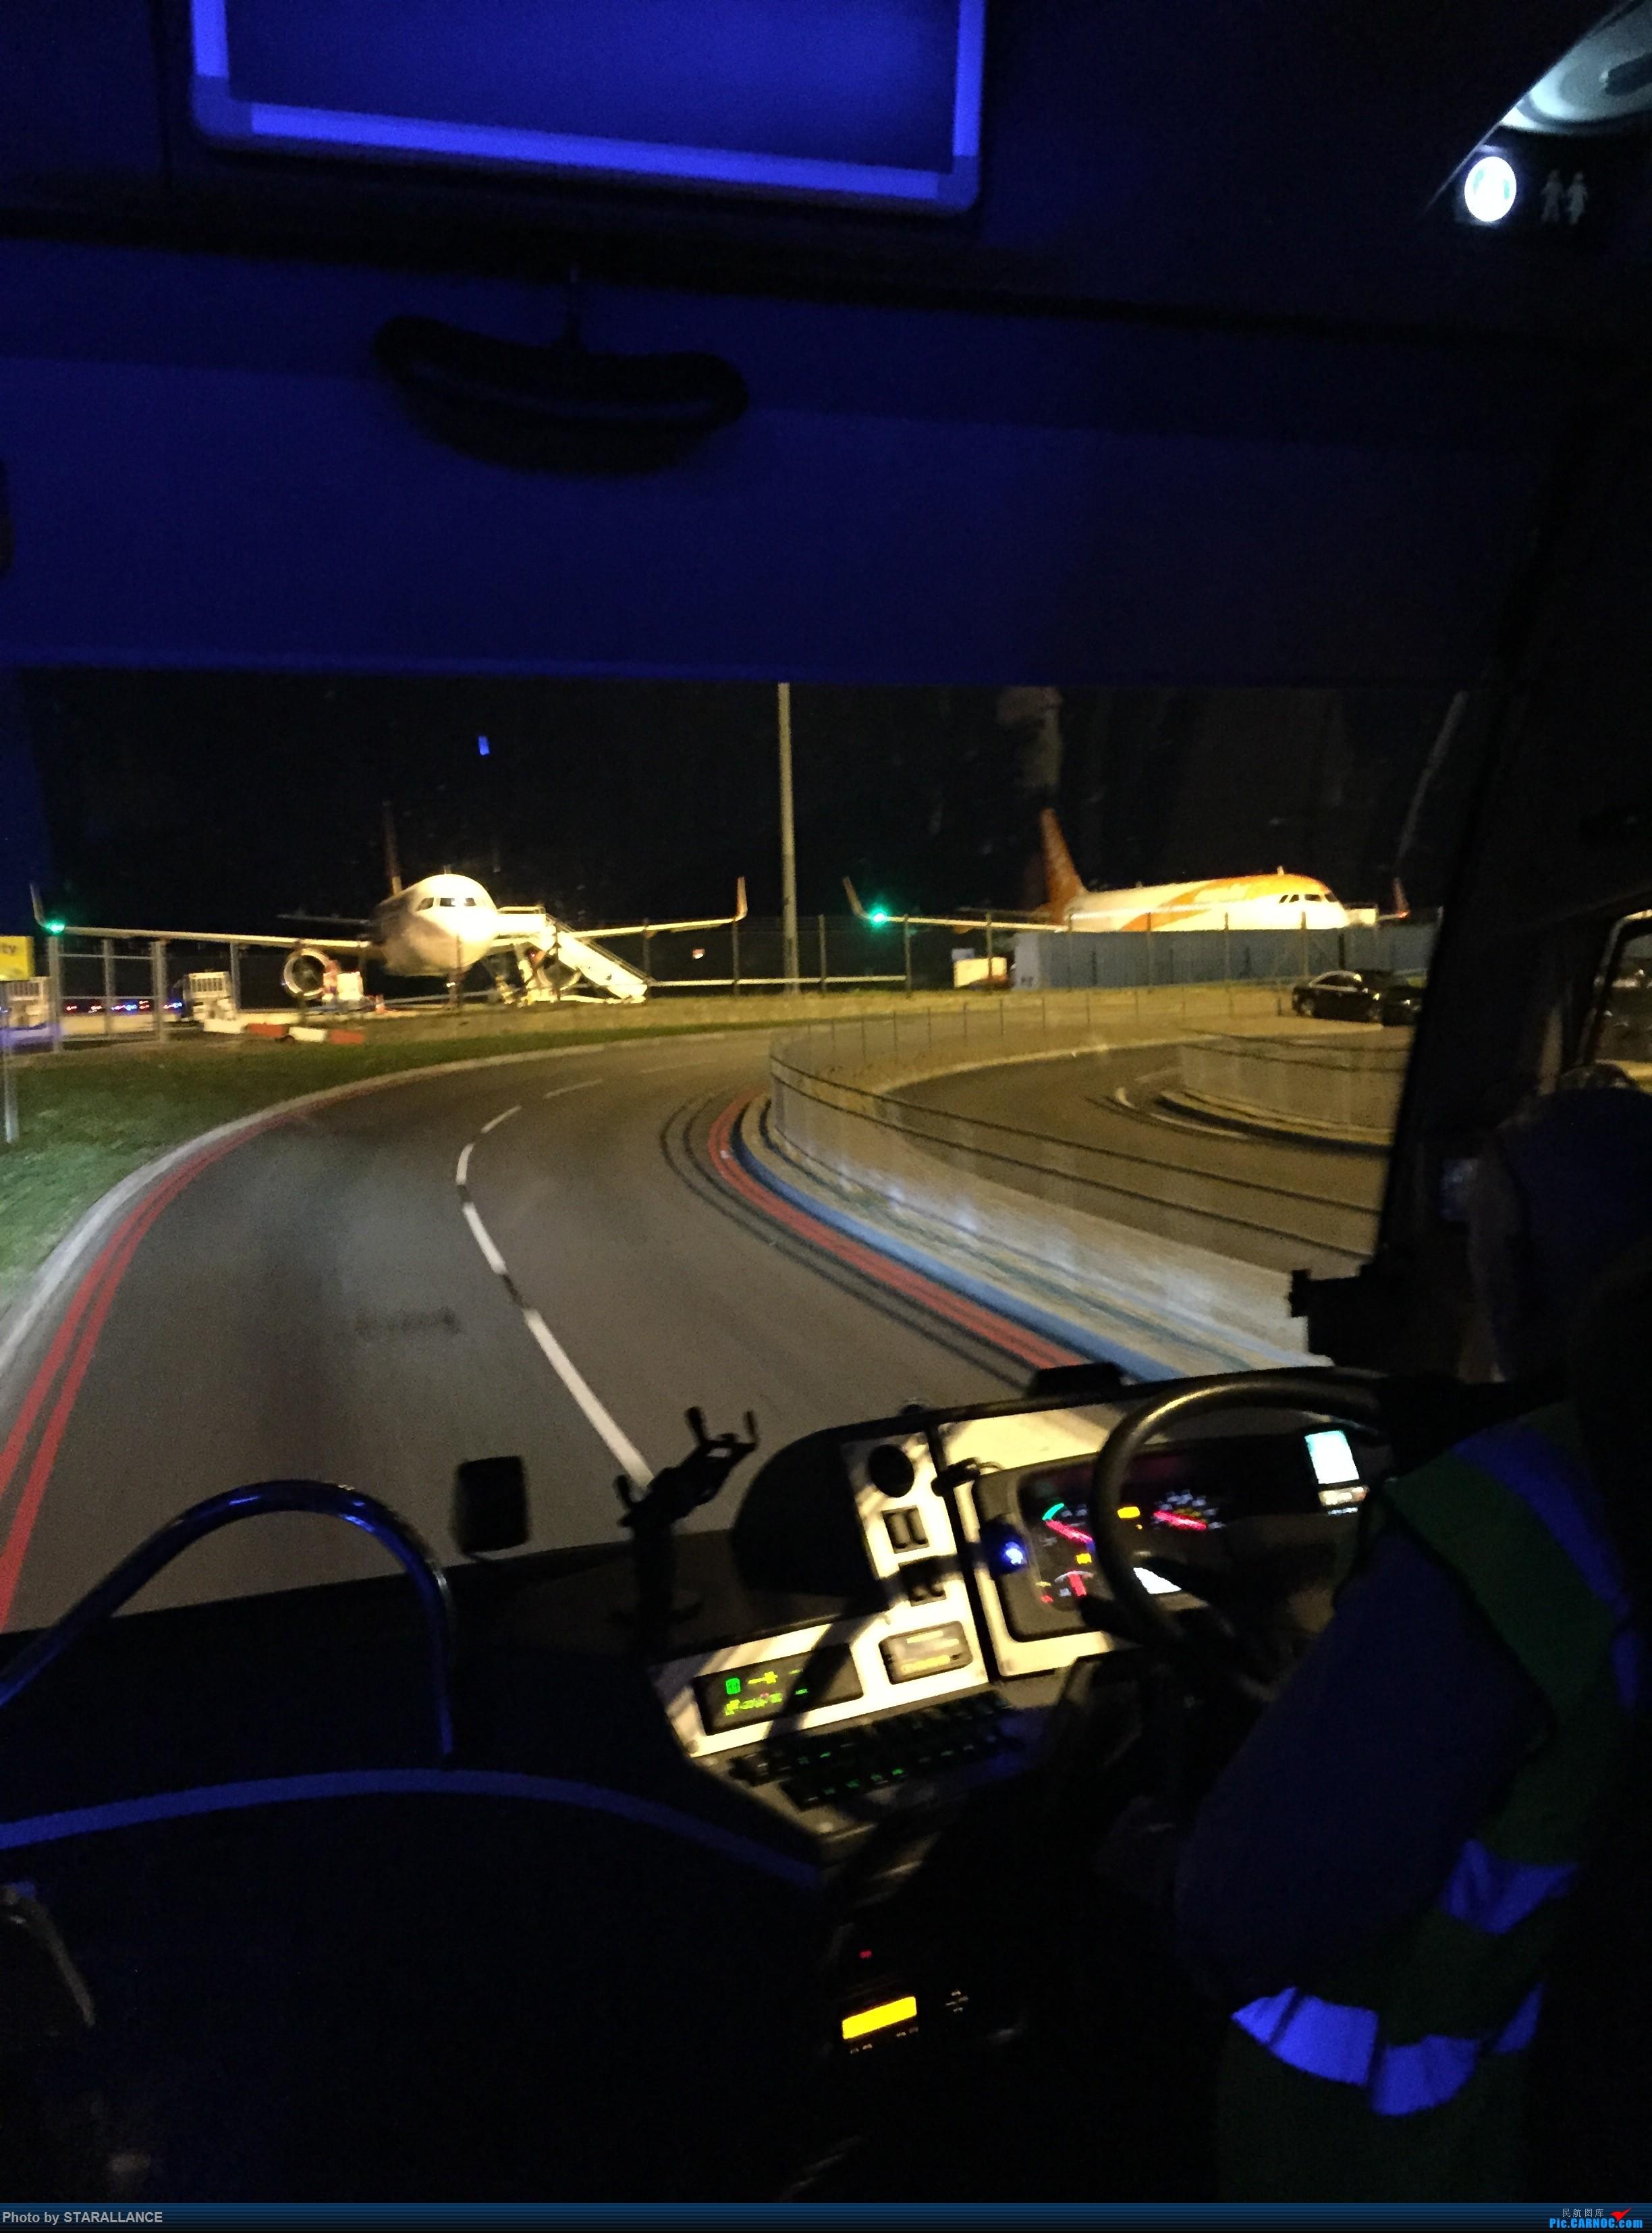 A320 倫敦飛往赫爾辛基 附駕駛艙圖